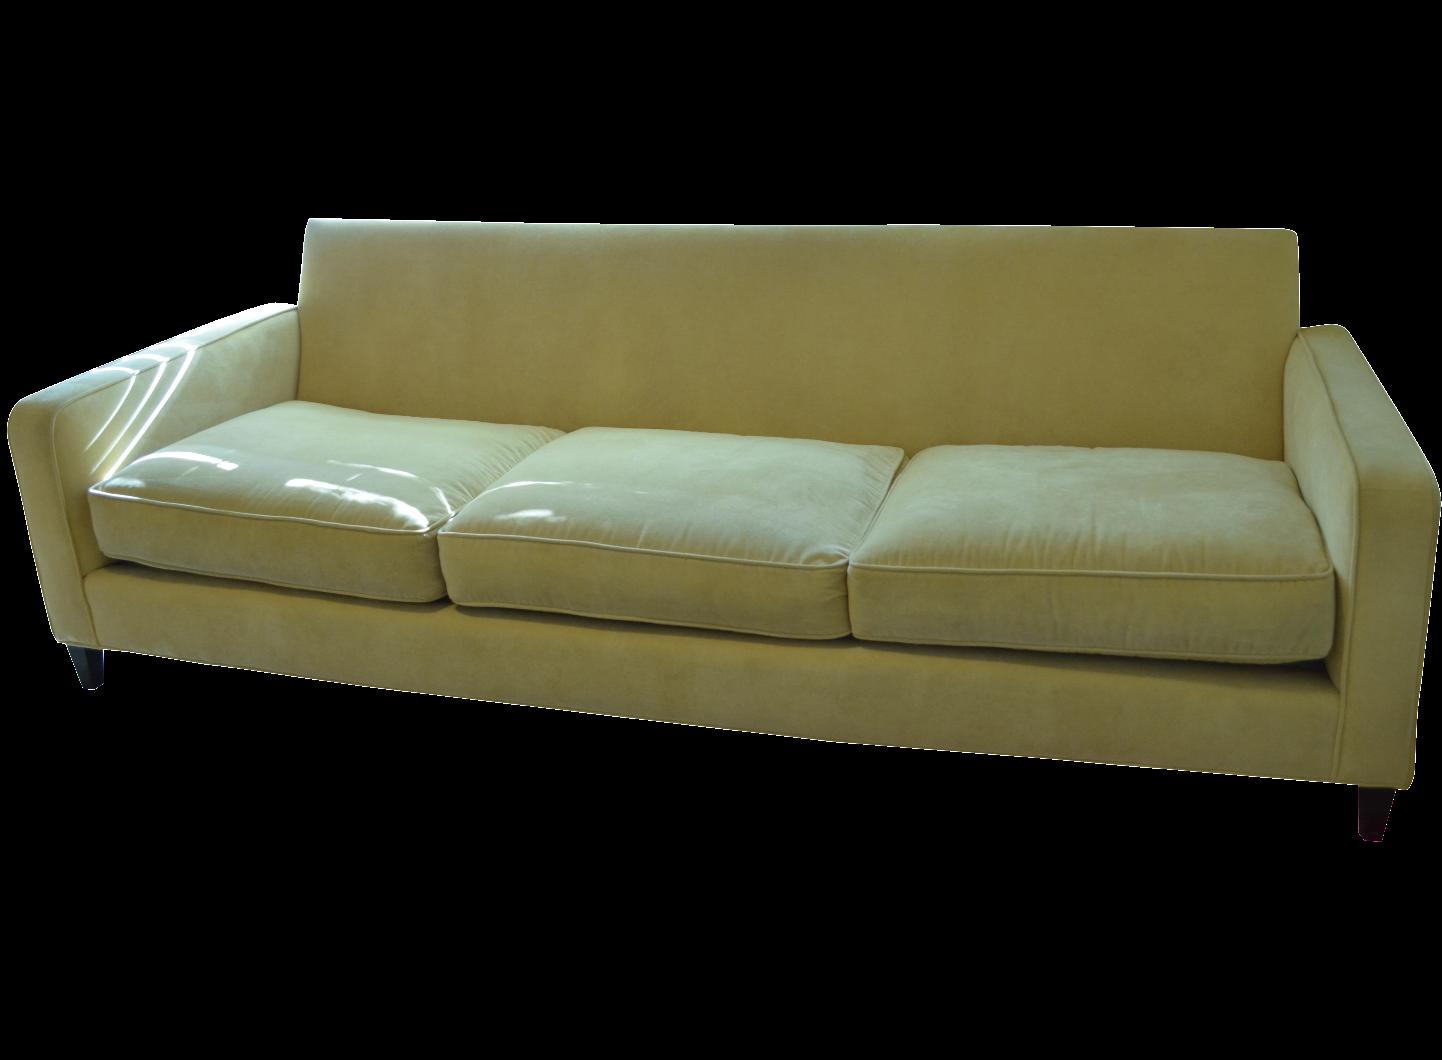 ballard designs queens velvet yellow vintage sofa chairish sofas ballard designs home design ideas hq